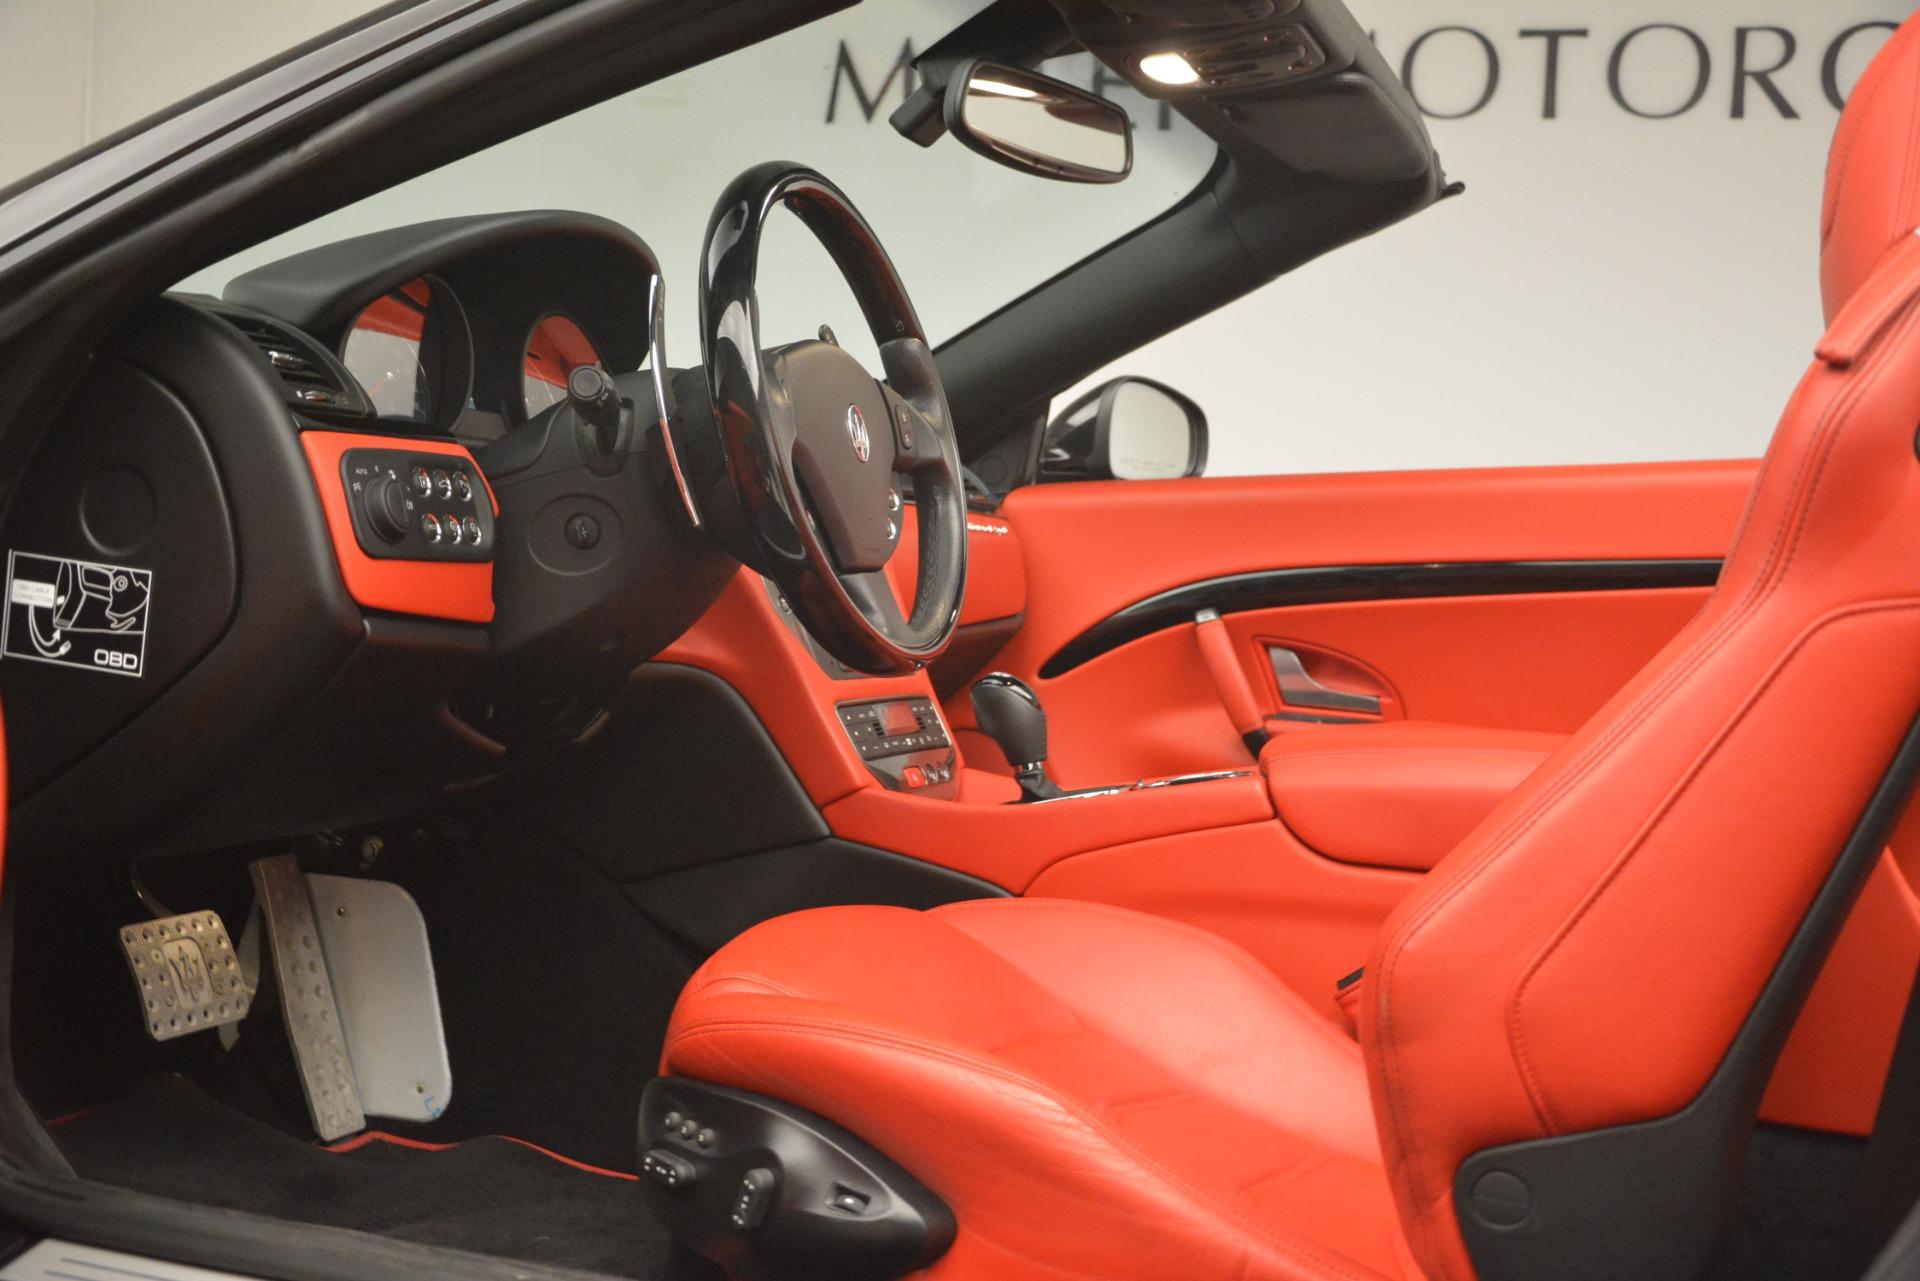 Used 2015 Maserati GranTurismo Sport For Sale In Greenwich, CT 3085_p26